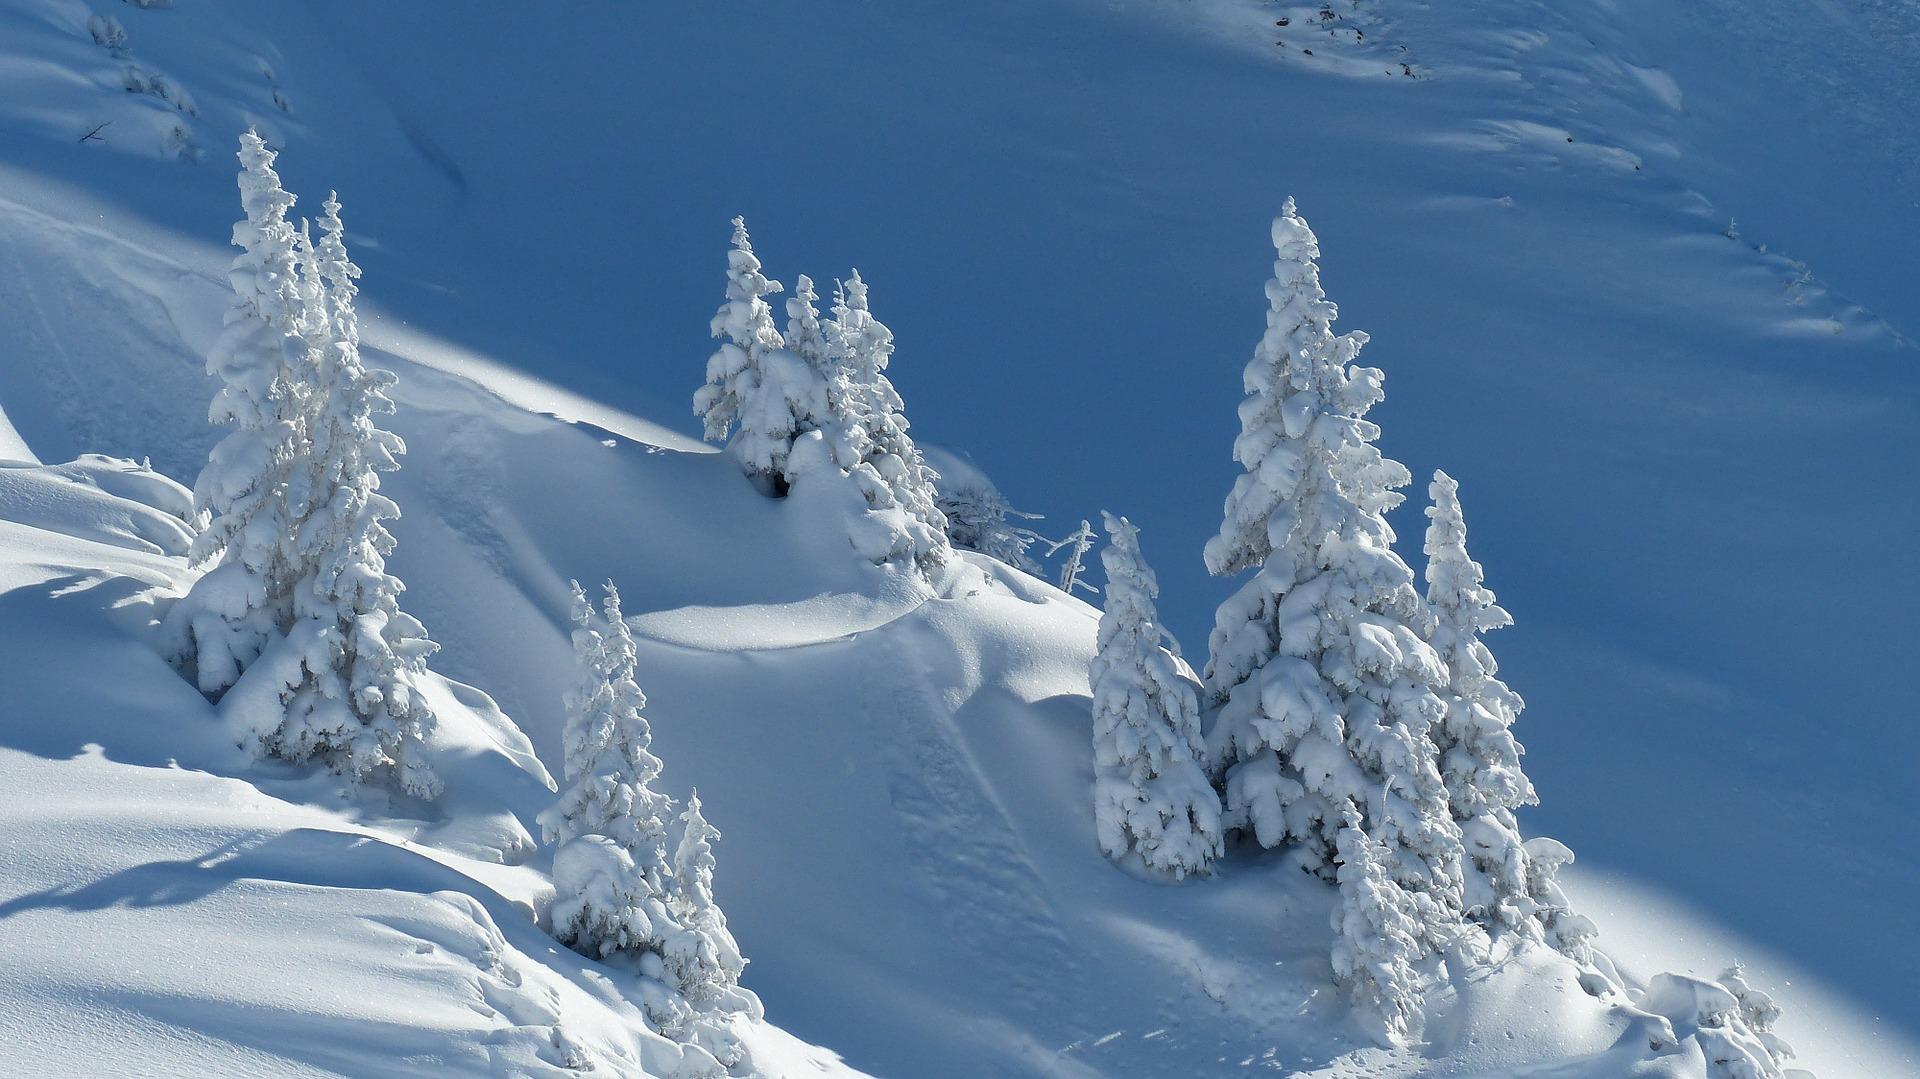 ฤดูหนาวที่ญี่ปุ่นกำลังมา … กิจกรรมเล่นสกีที่ญี่ปุ่น ก็ต้องมีกับ แพ็คเก็จเล่นสกี 7วัน